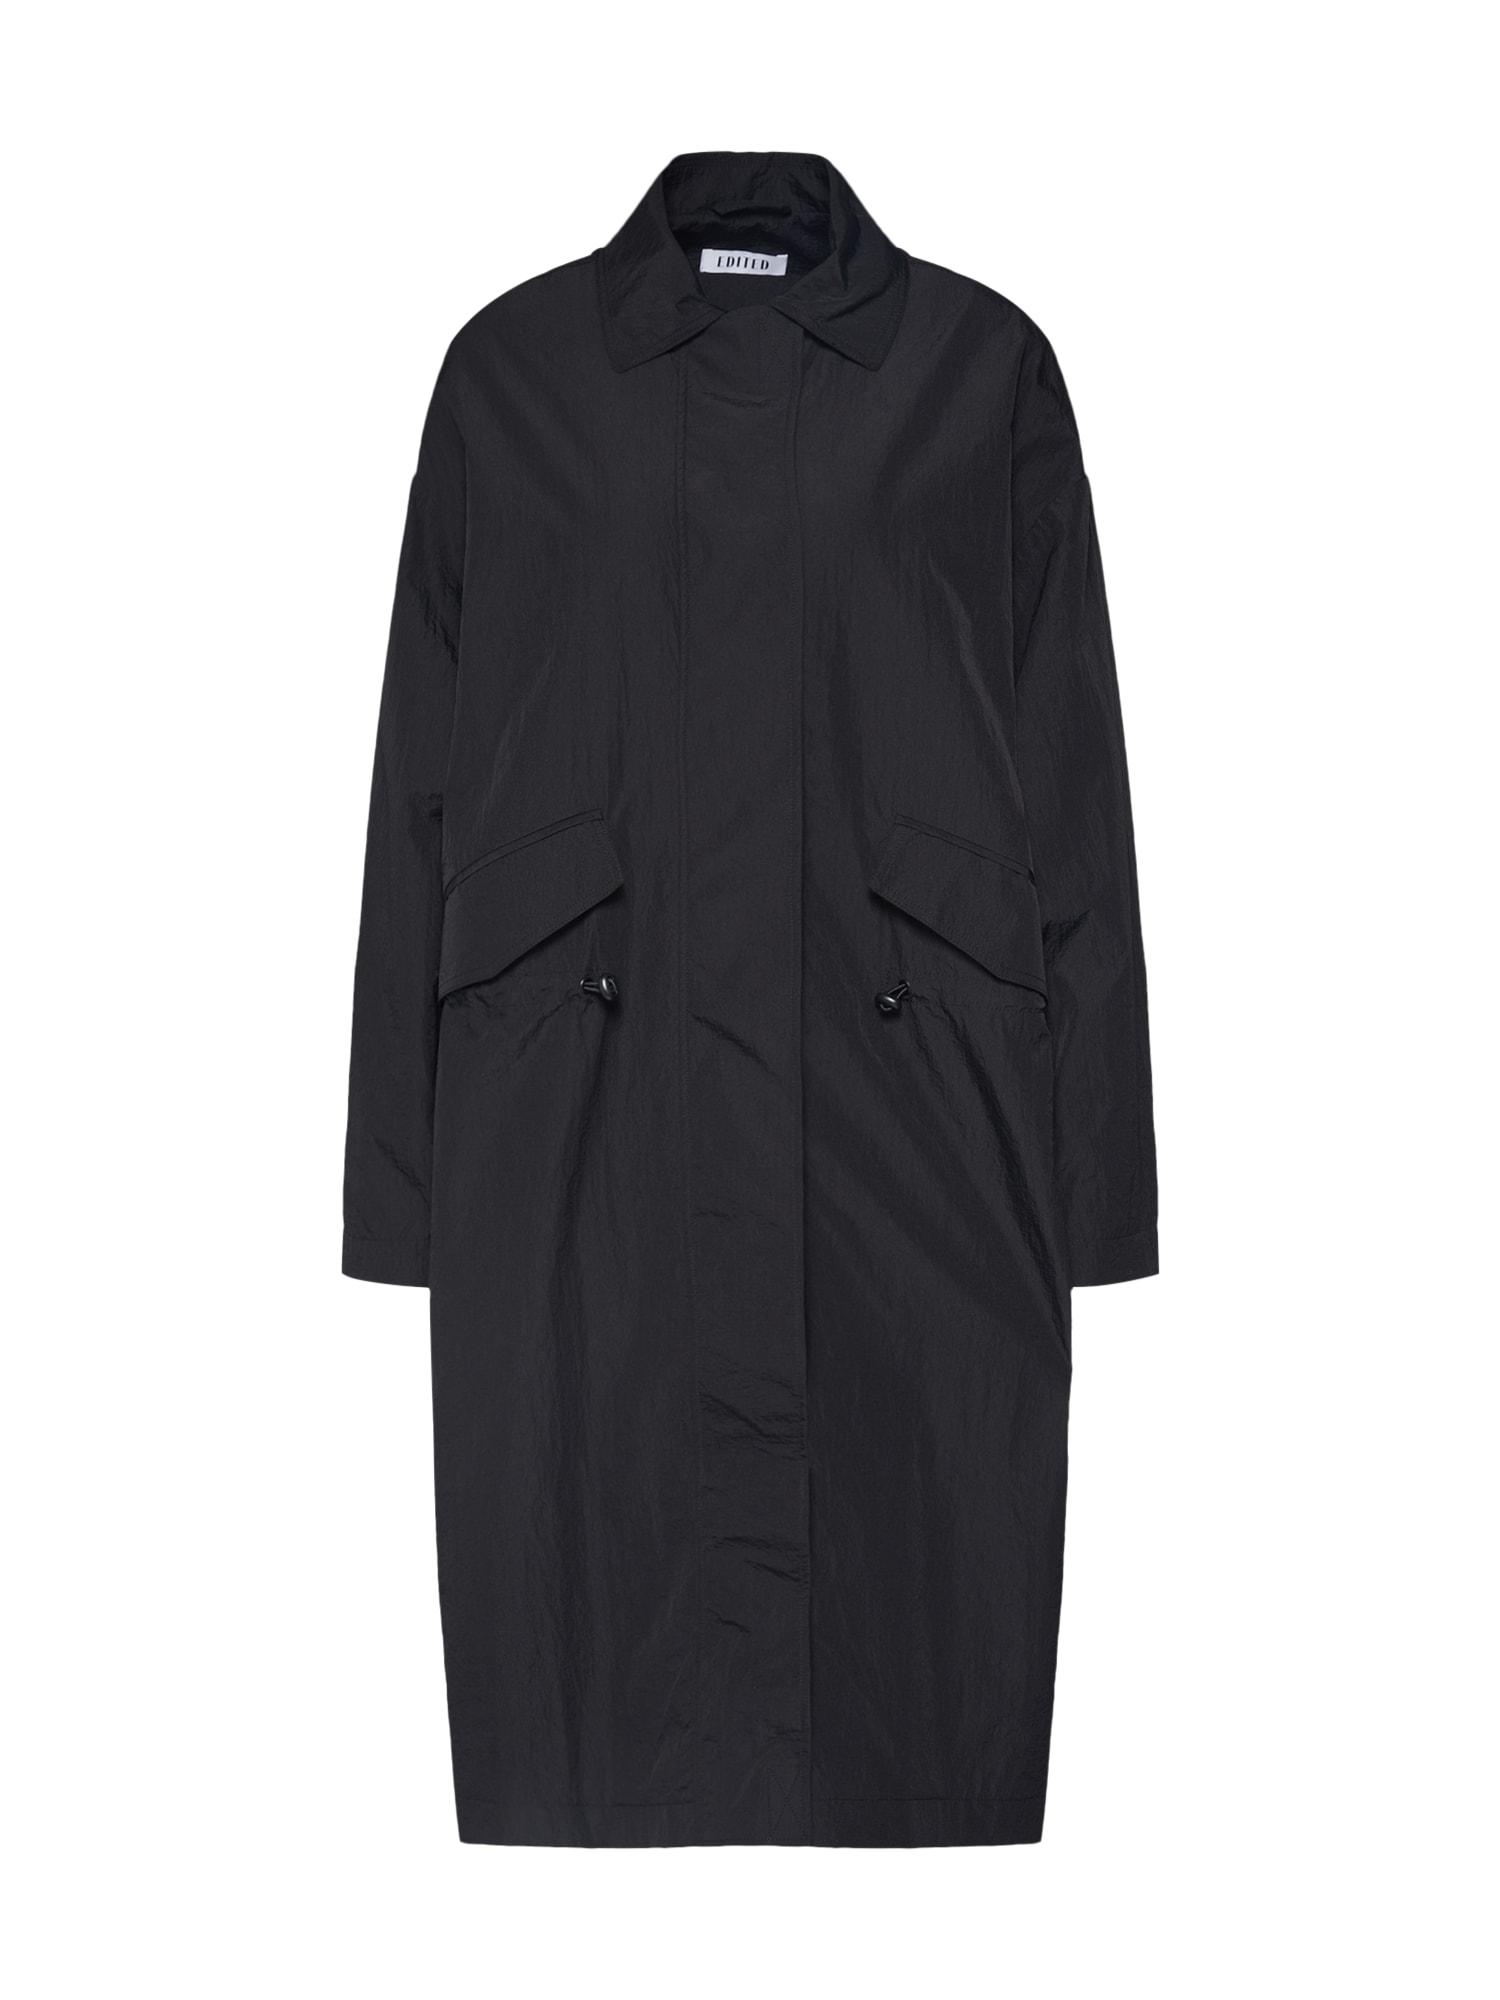 EDITED Rudeninis-žieminis paltas 'Ingvar' juoda